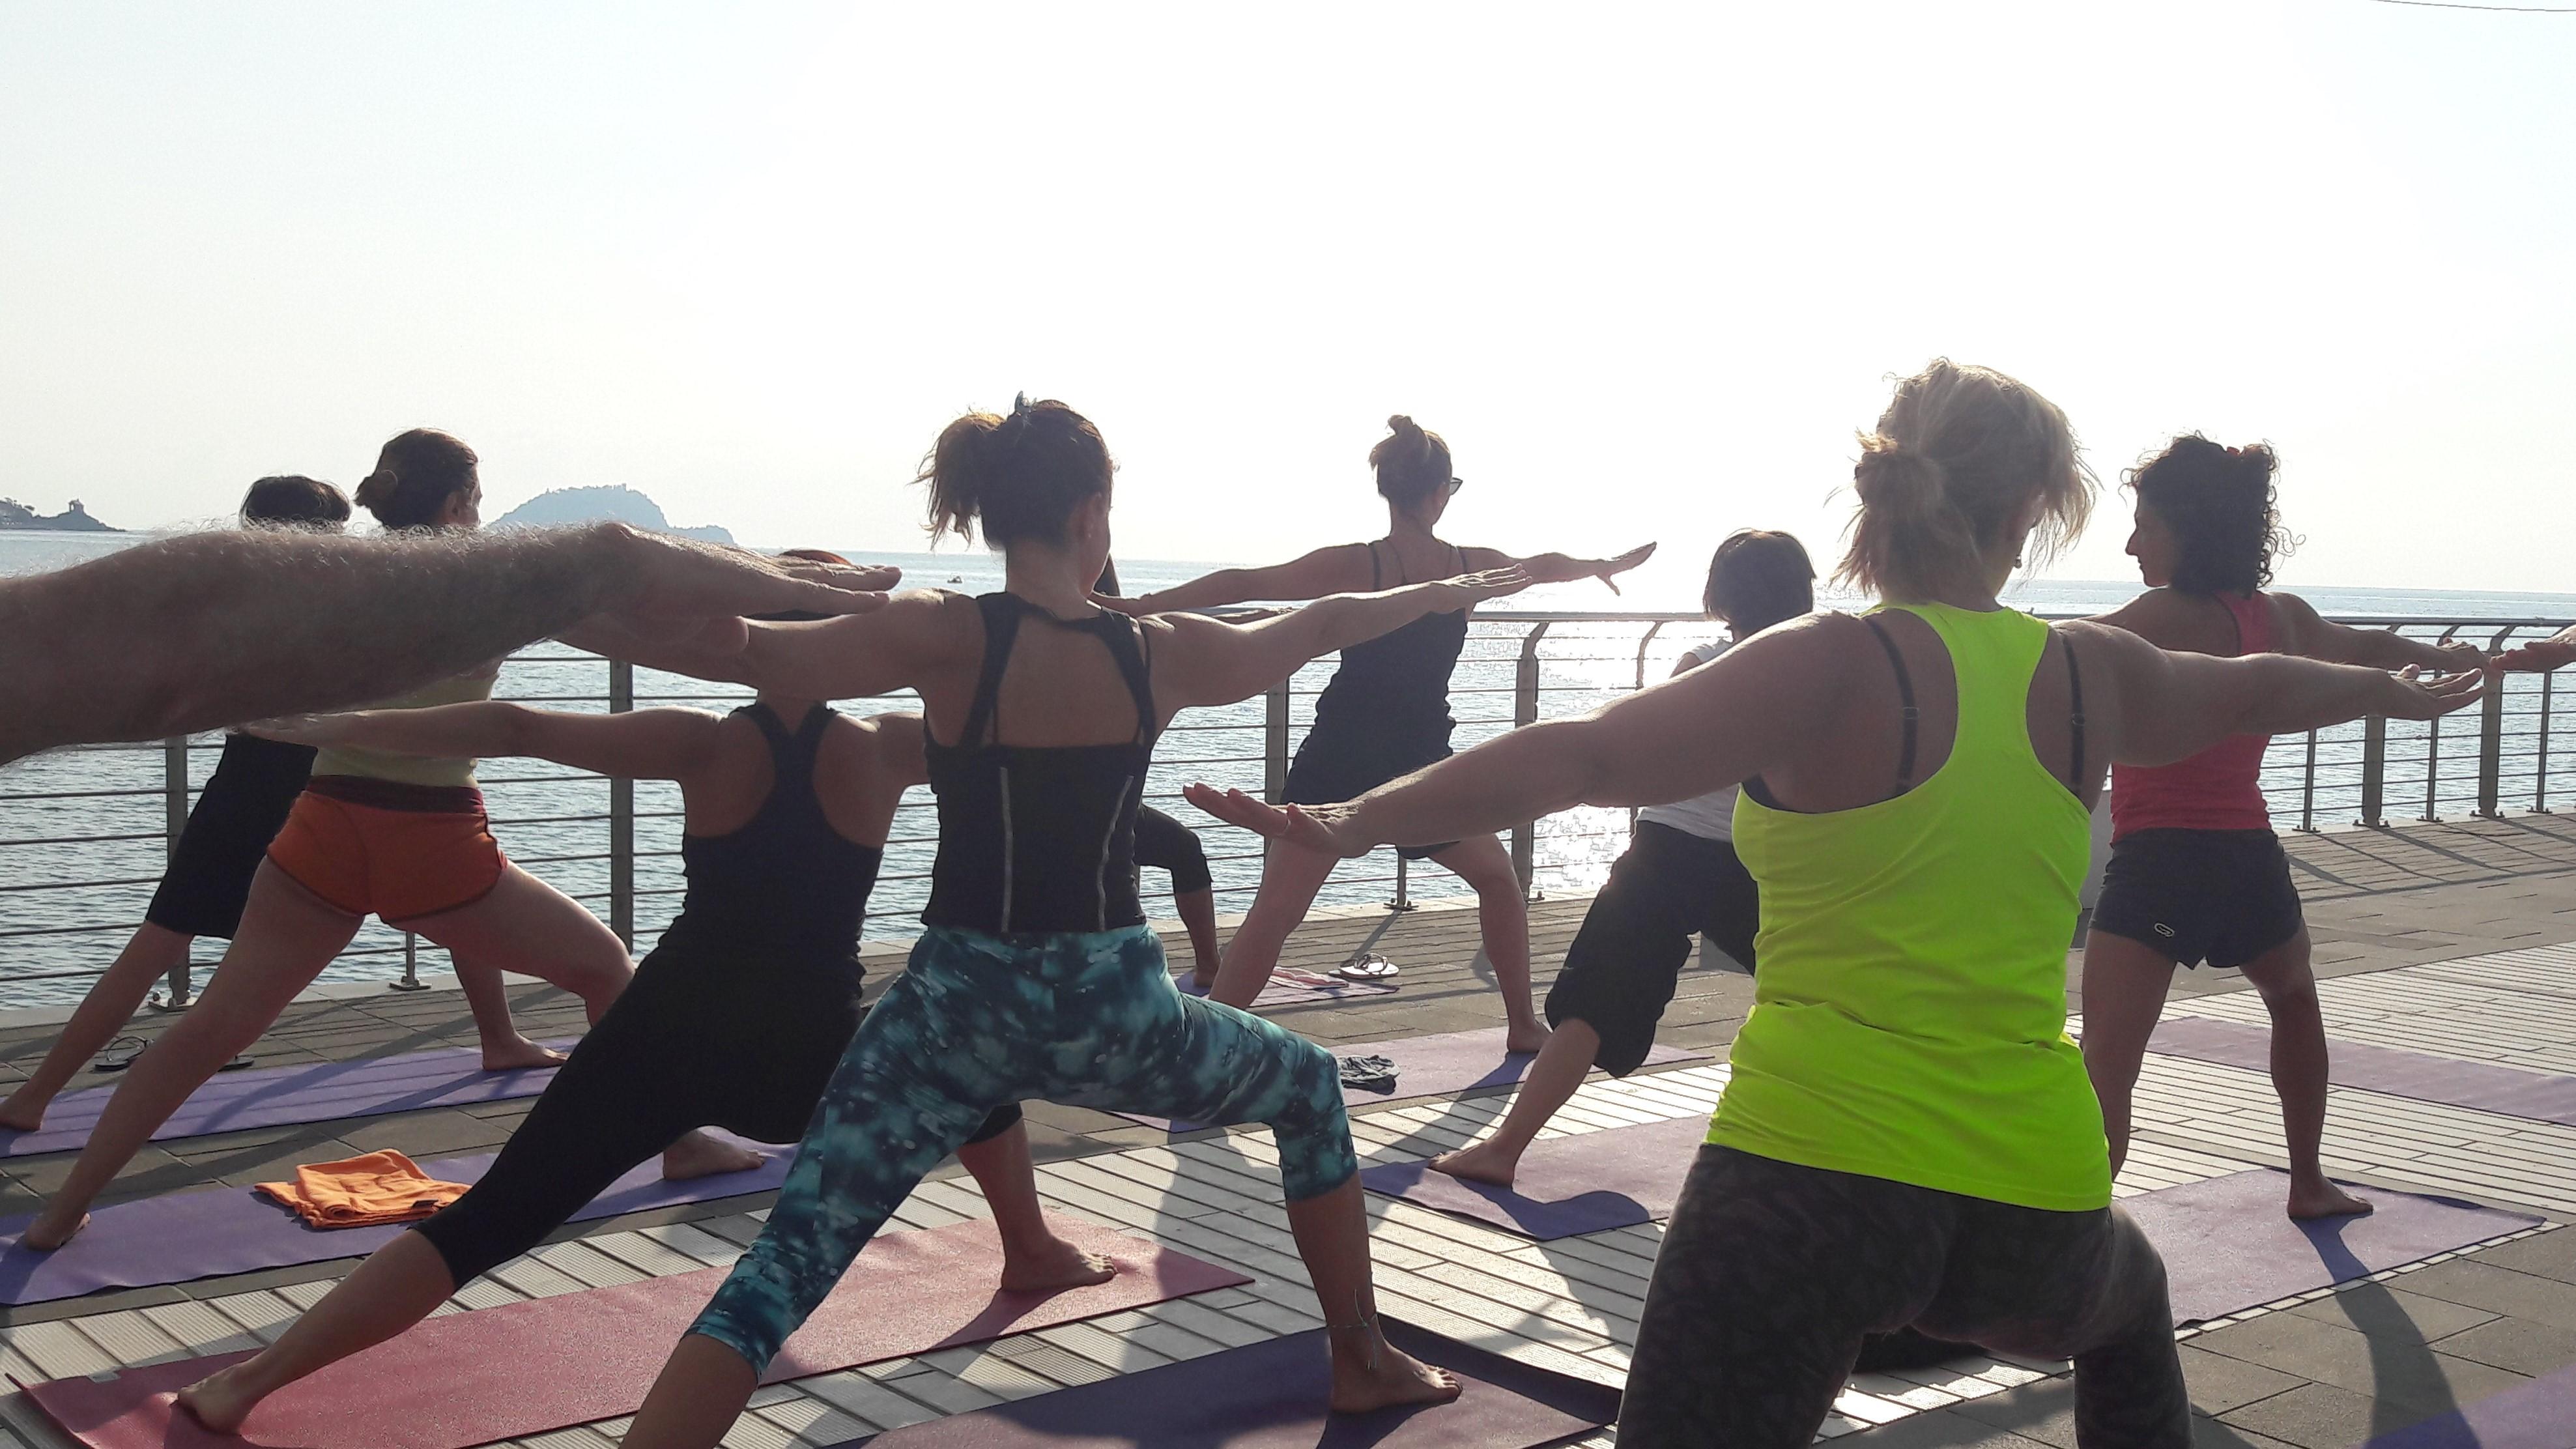 1_essere-free-yoga-gratuito-benessere-per-tutti-village-citta-alassio-estate-lucia-ragazzi-summer-town-wellness-053